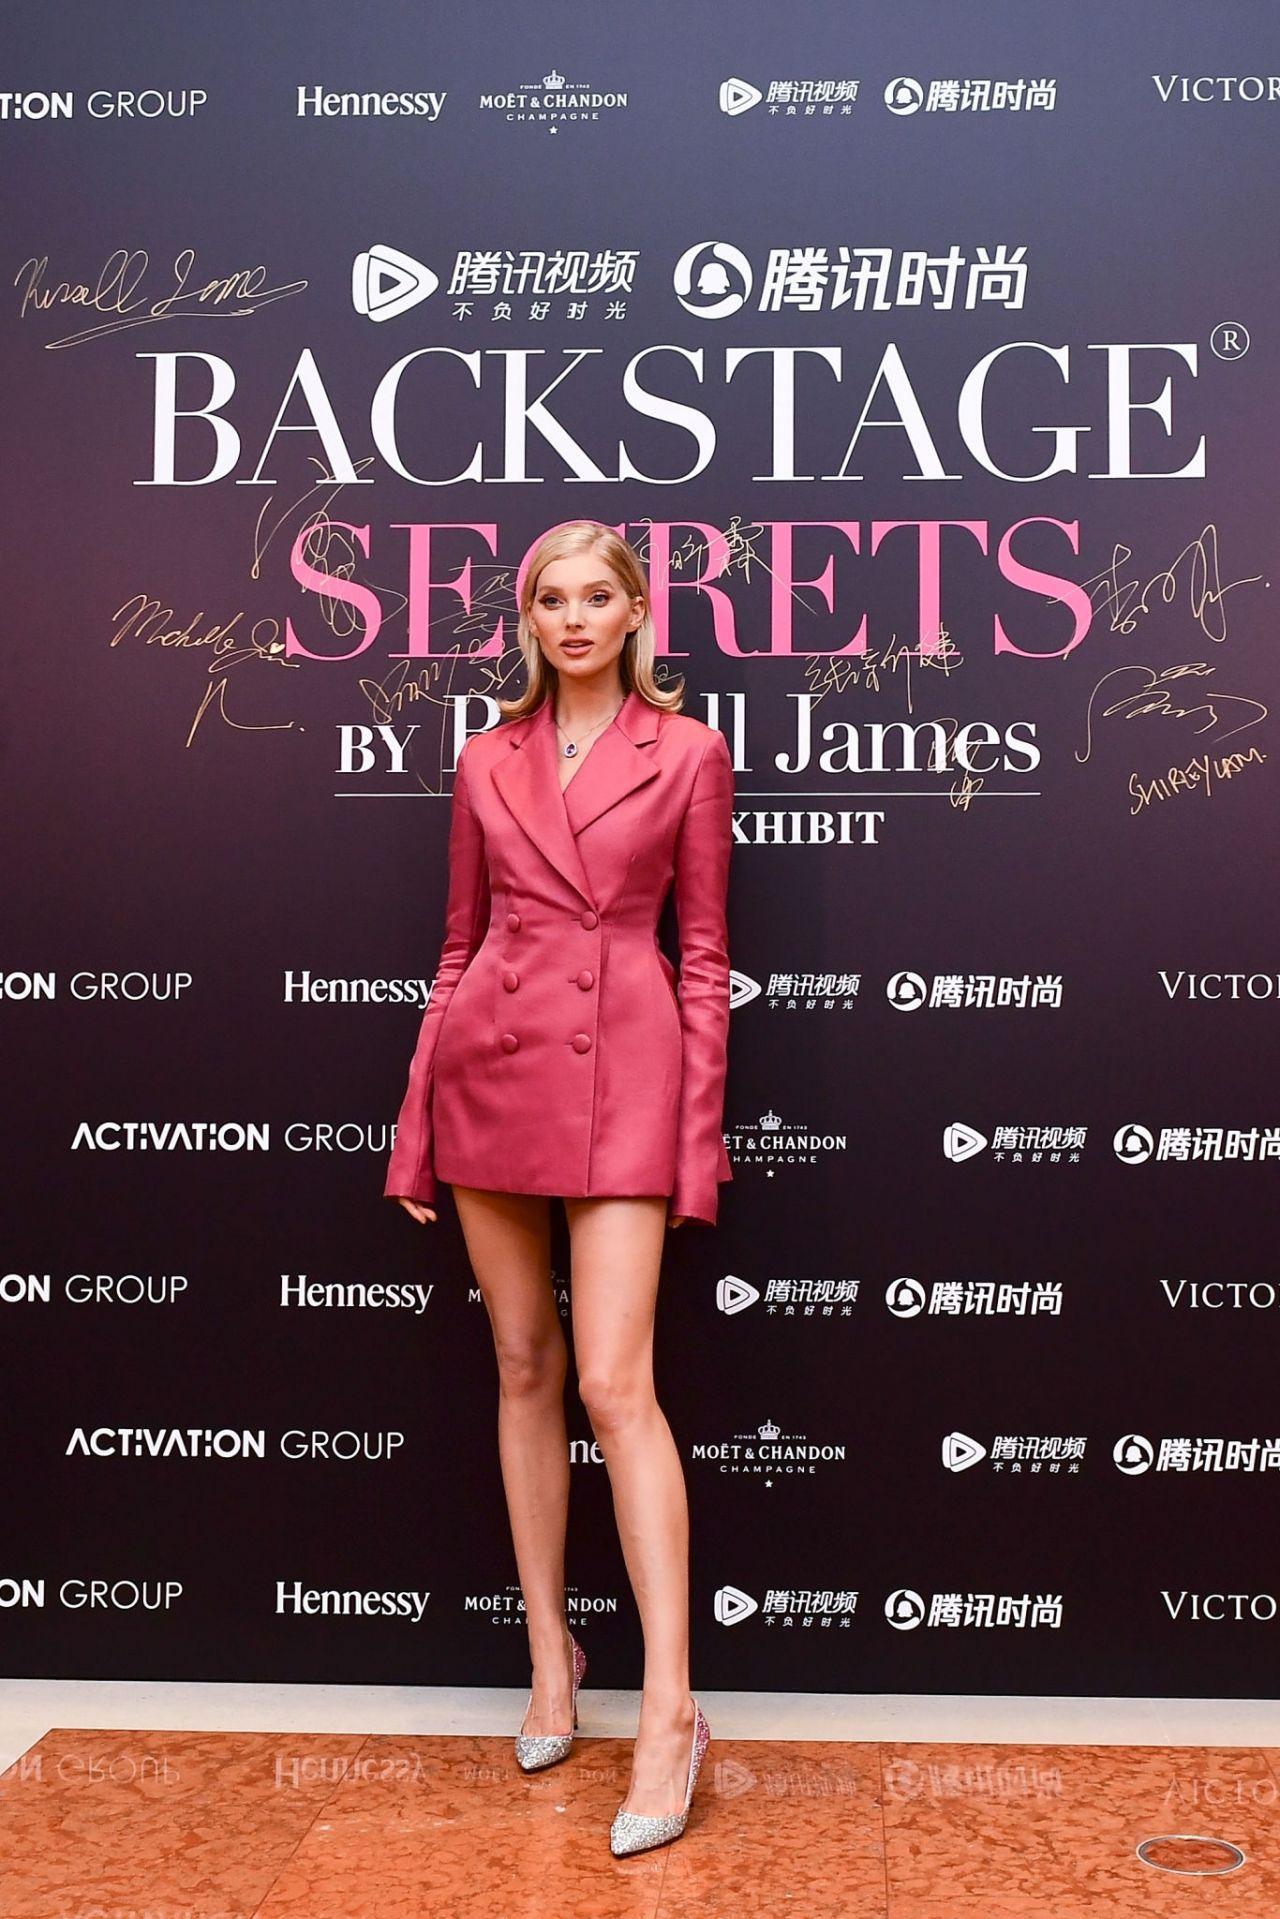 Elsa Hosk Backstage Secrets By Russell James Beijing